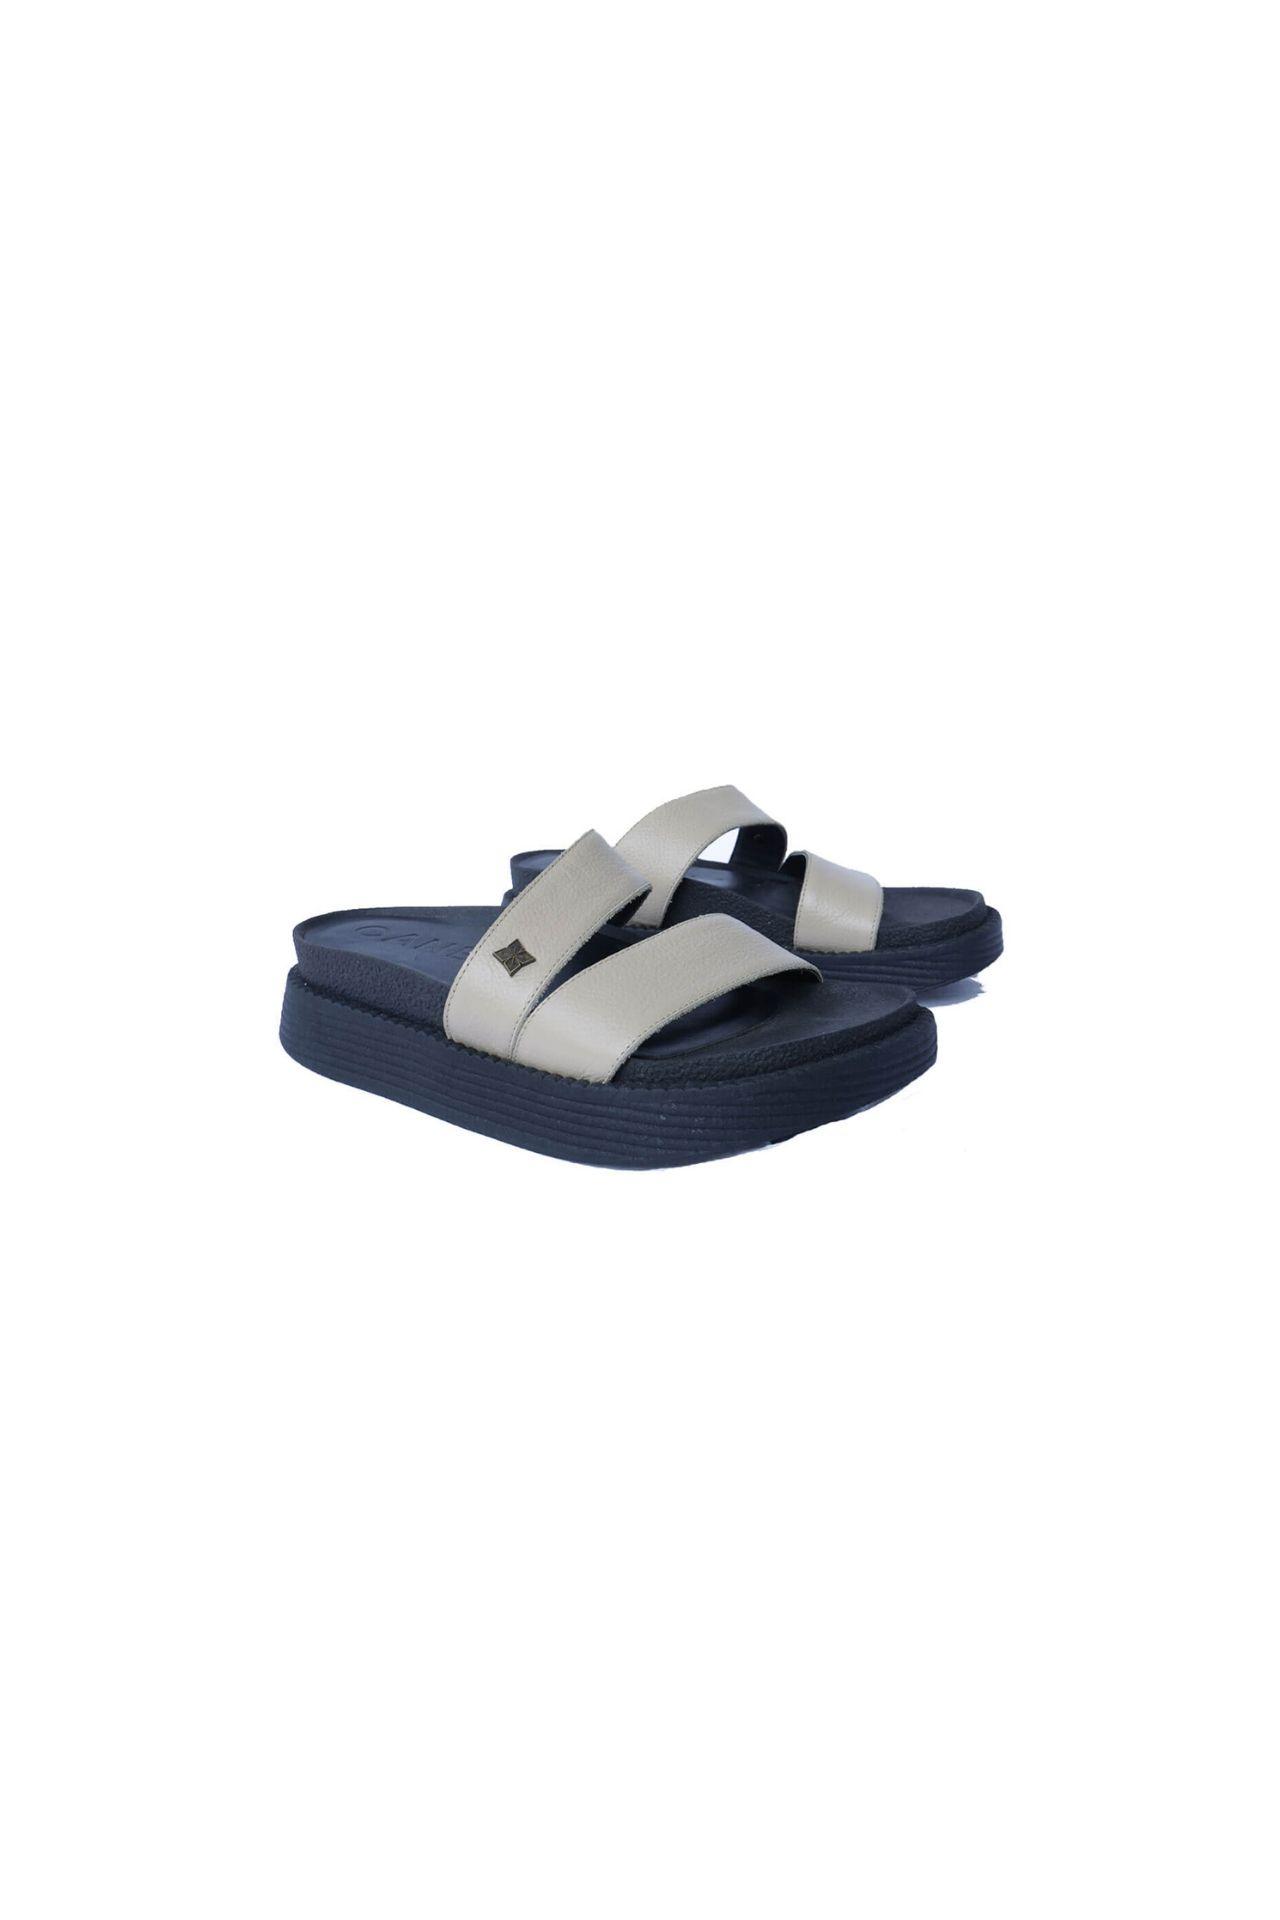 Sandalias 100% de cuero por dentro y por fuera. Las suelas son importadas de argentina. Los diseños son unicos ya que solo hacemos 1 docena por color . Son productos hechos a mano por artesanos peruanos.  La horma es exacta, en esta marca serías la misma talla que usas normalmente.  Funciona mejor en un pie mas ancho porque la suela es mas ancha.  Tamaño:  Talla 36: 23.5 cm  Talla 37: 24.5 cm  Talla 38: 25.5 cm  Talla 39: 26.5 cm  Alto: 5 cm